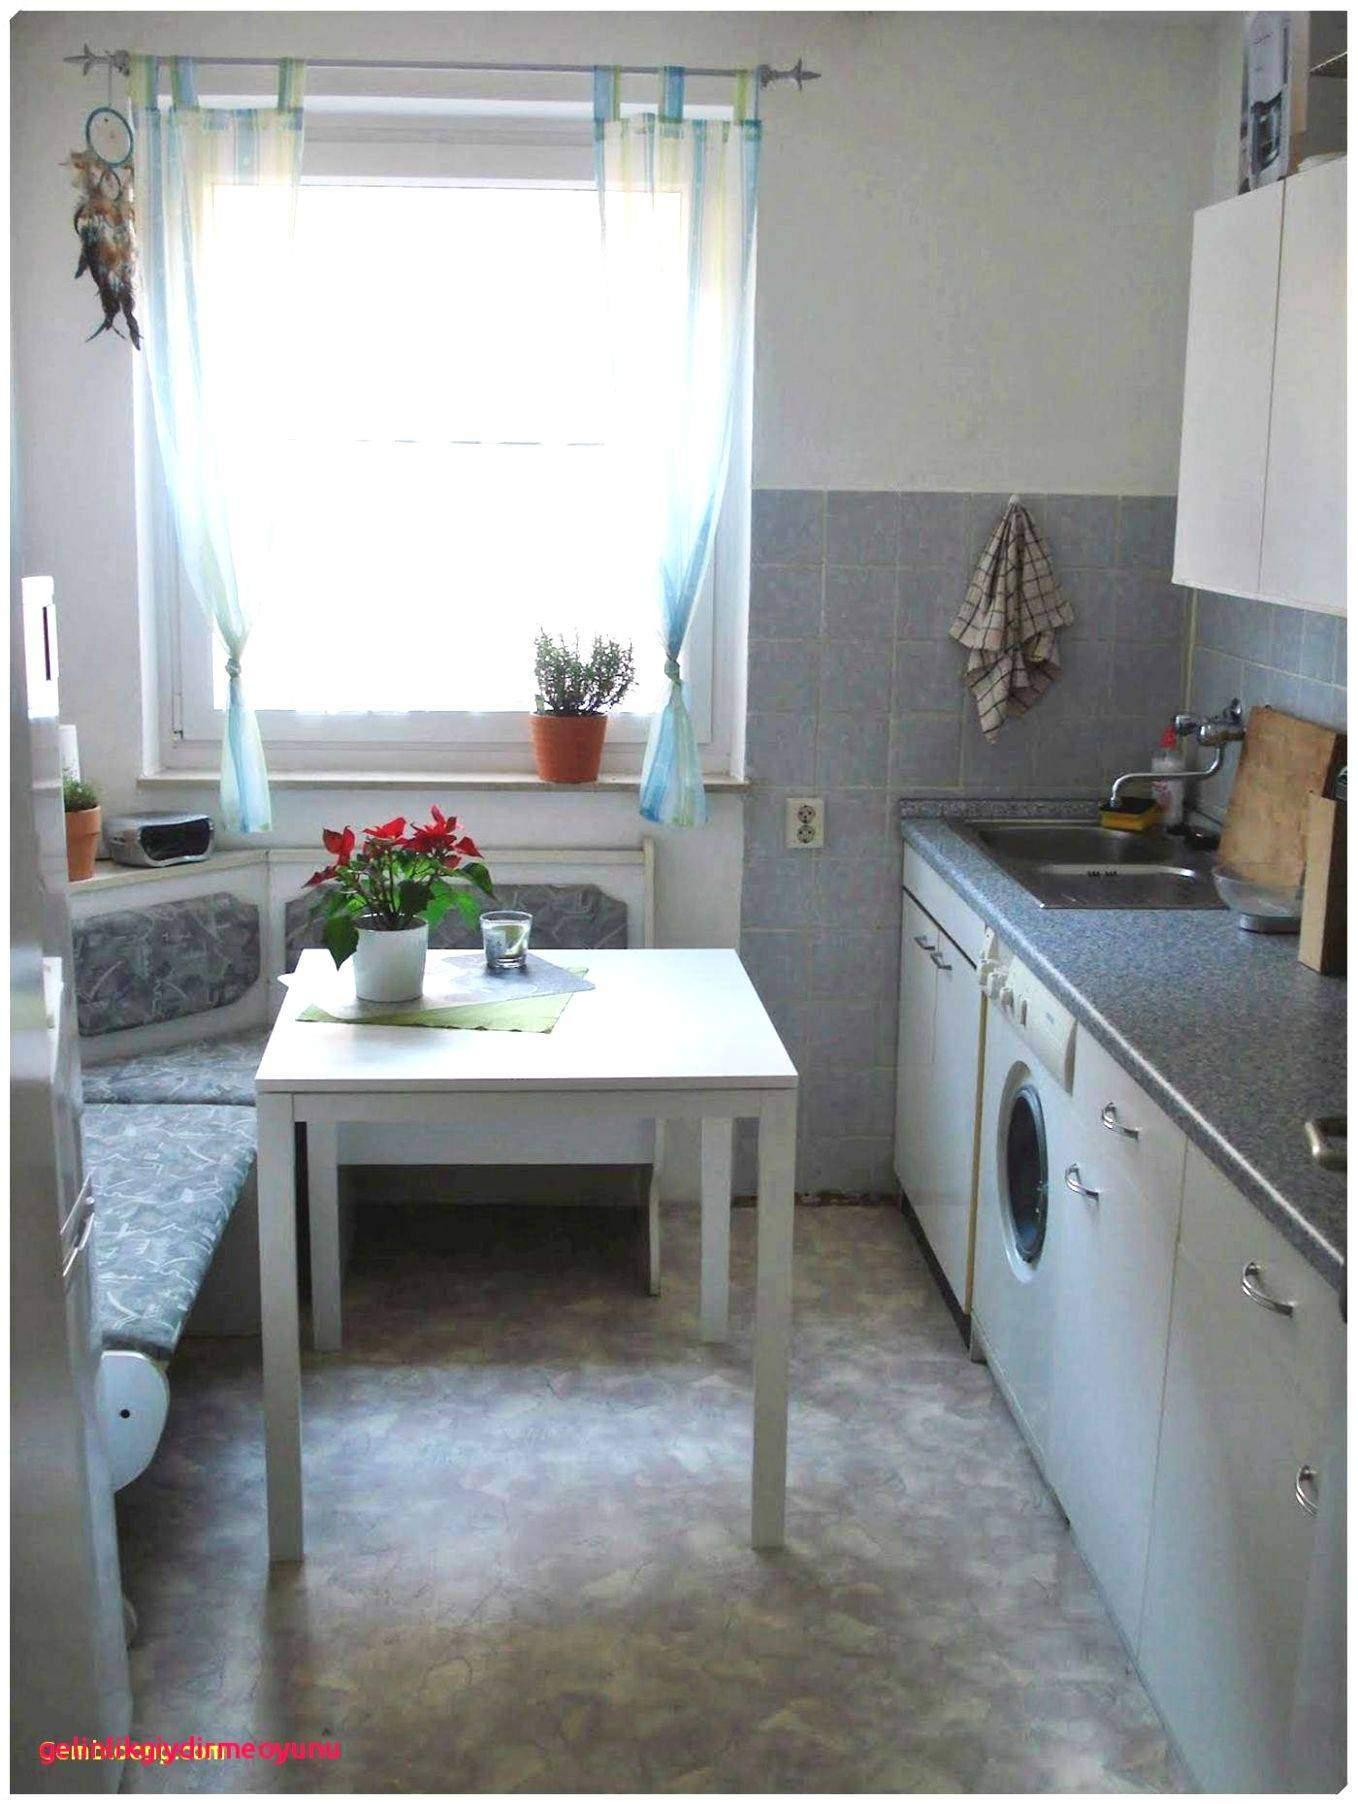 wohnzimmer ideen fur kleine raume schon inspirational moebel fur wohnzimmer inspirations of wohnzimmer ideen fur kleine raume